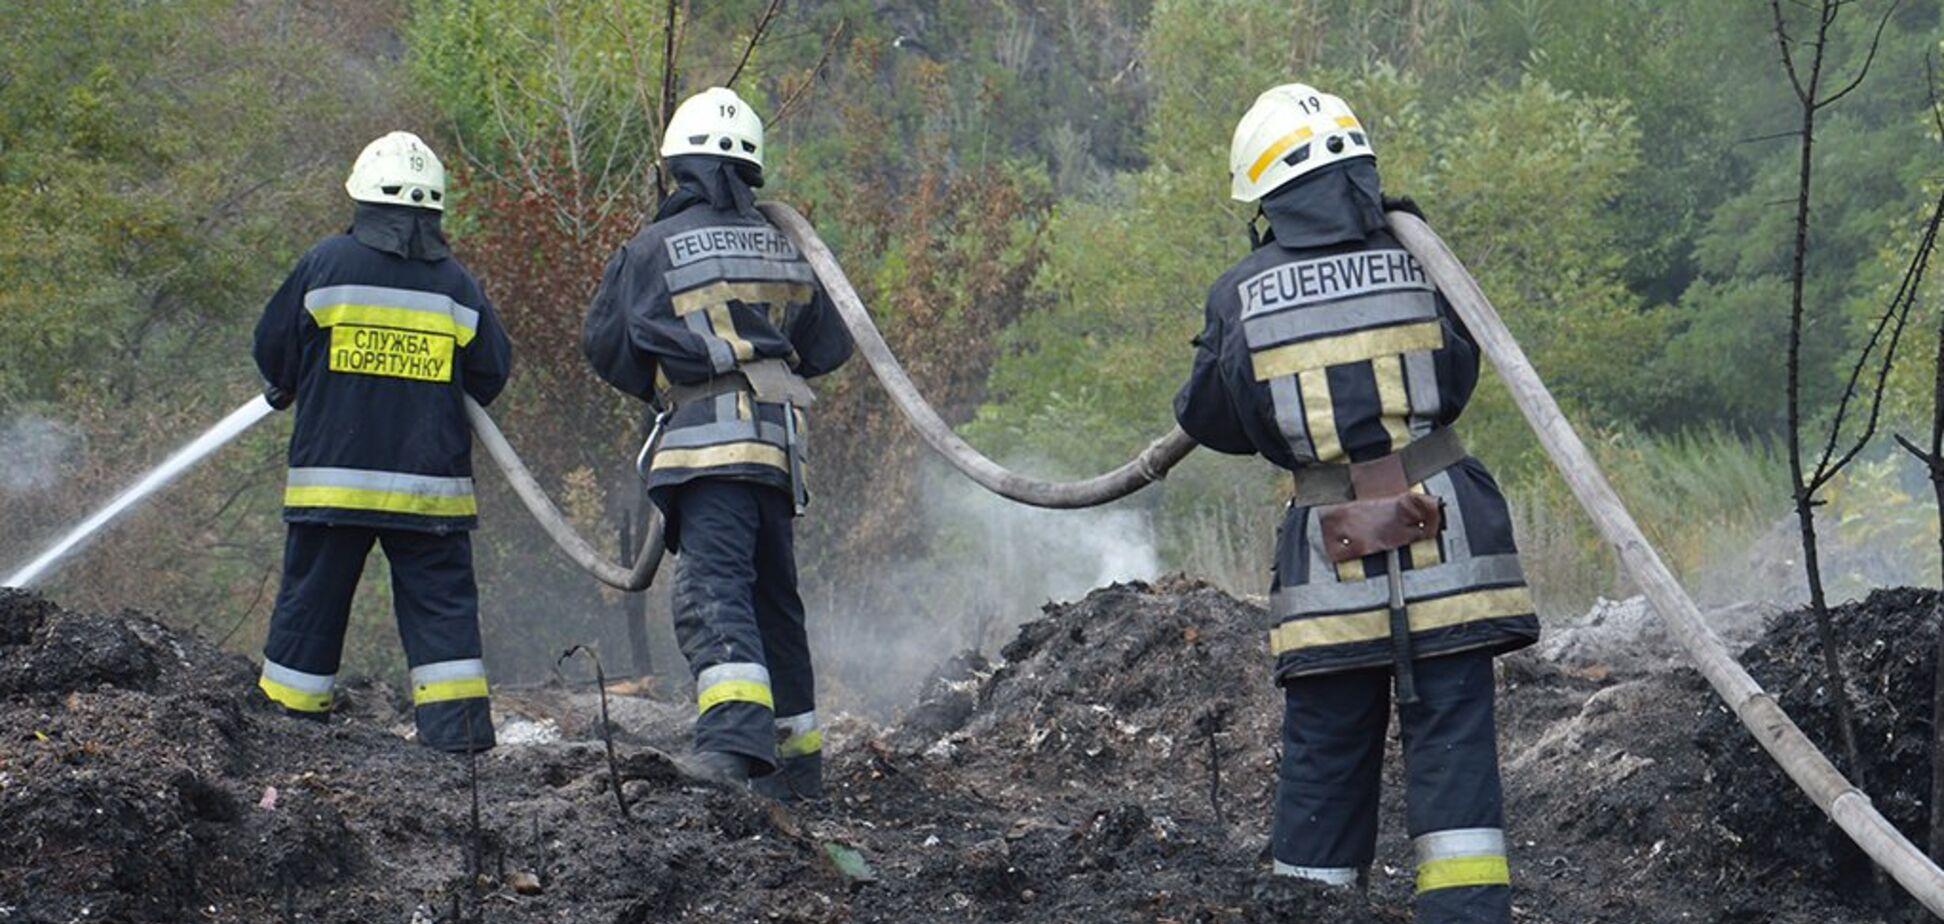 Масштабное возгорание под Днепром: пожар ликвидируют с утра. Видео